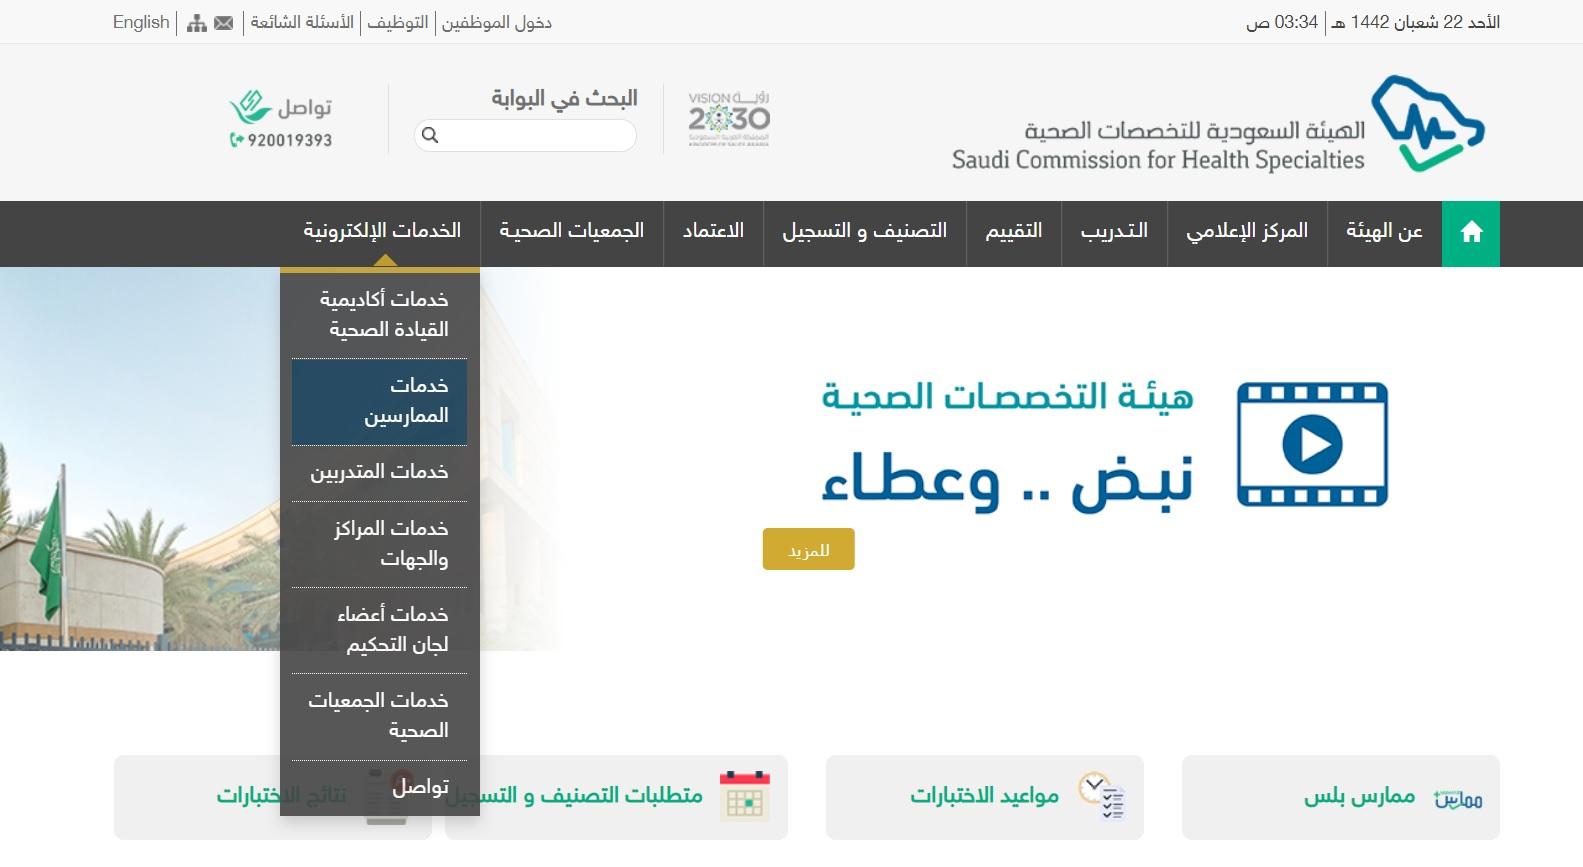 خطوات التسجيل في اختبار الهيئة السعودية